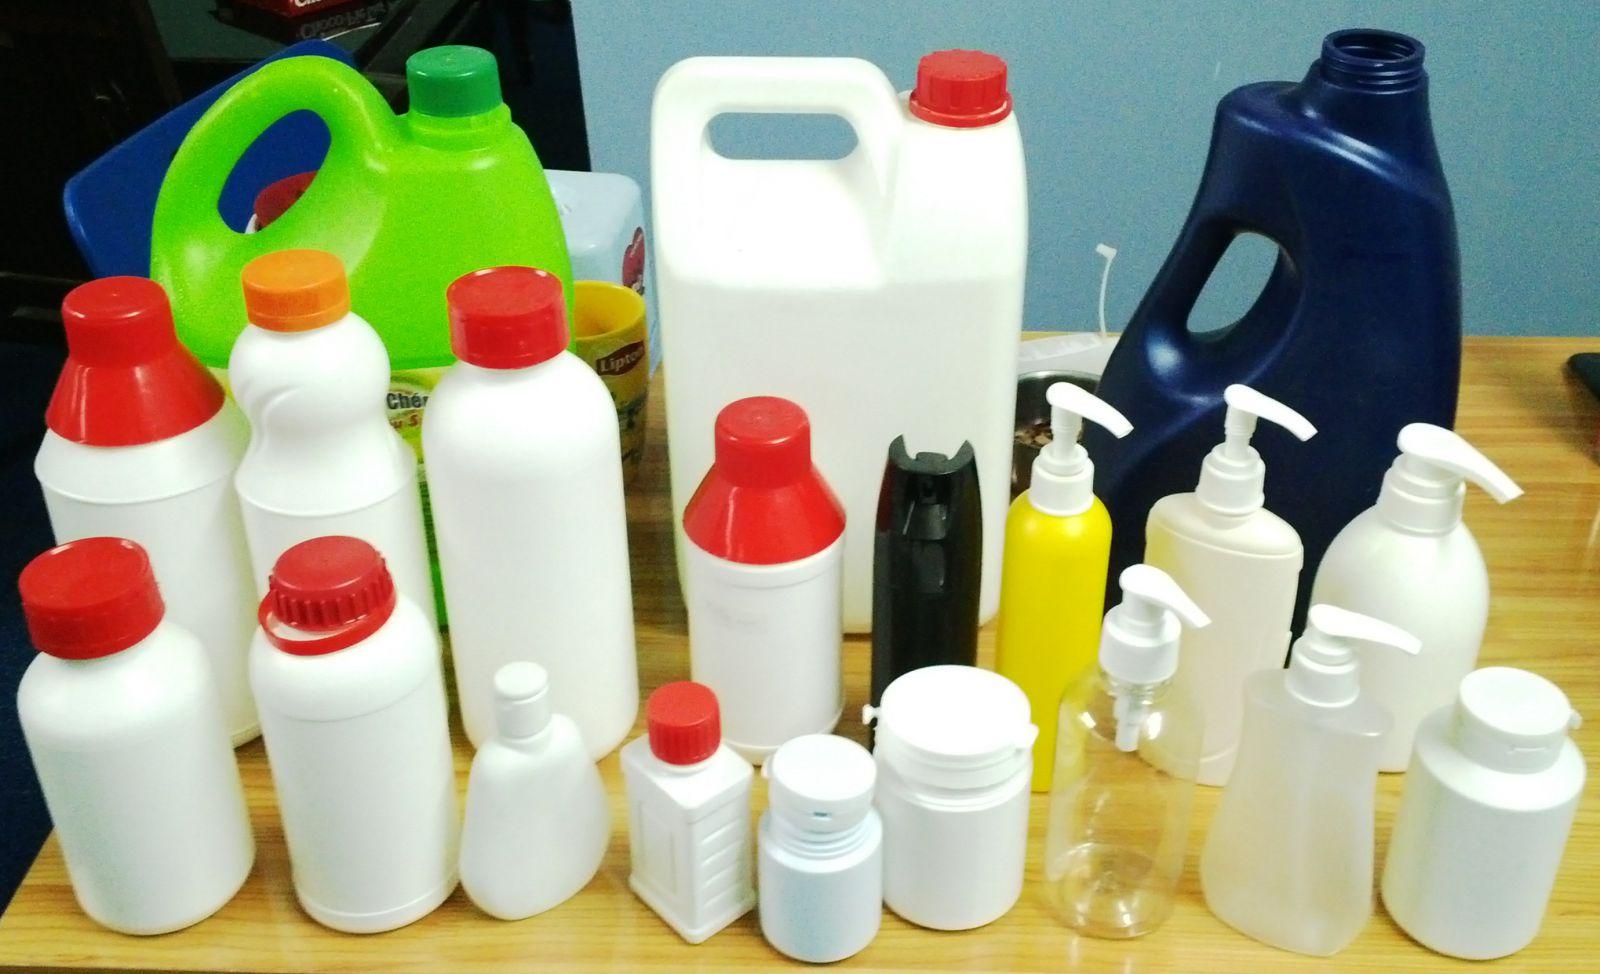 úng dụng của hạt nhựa tái sinh hdpr